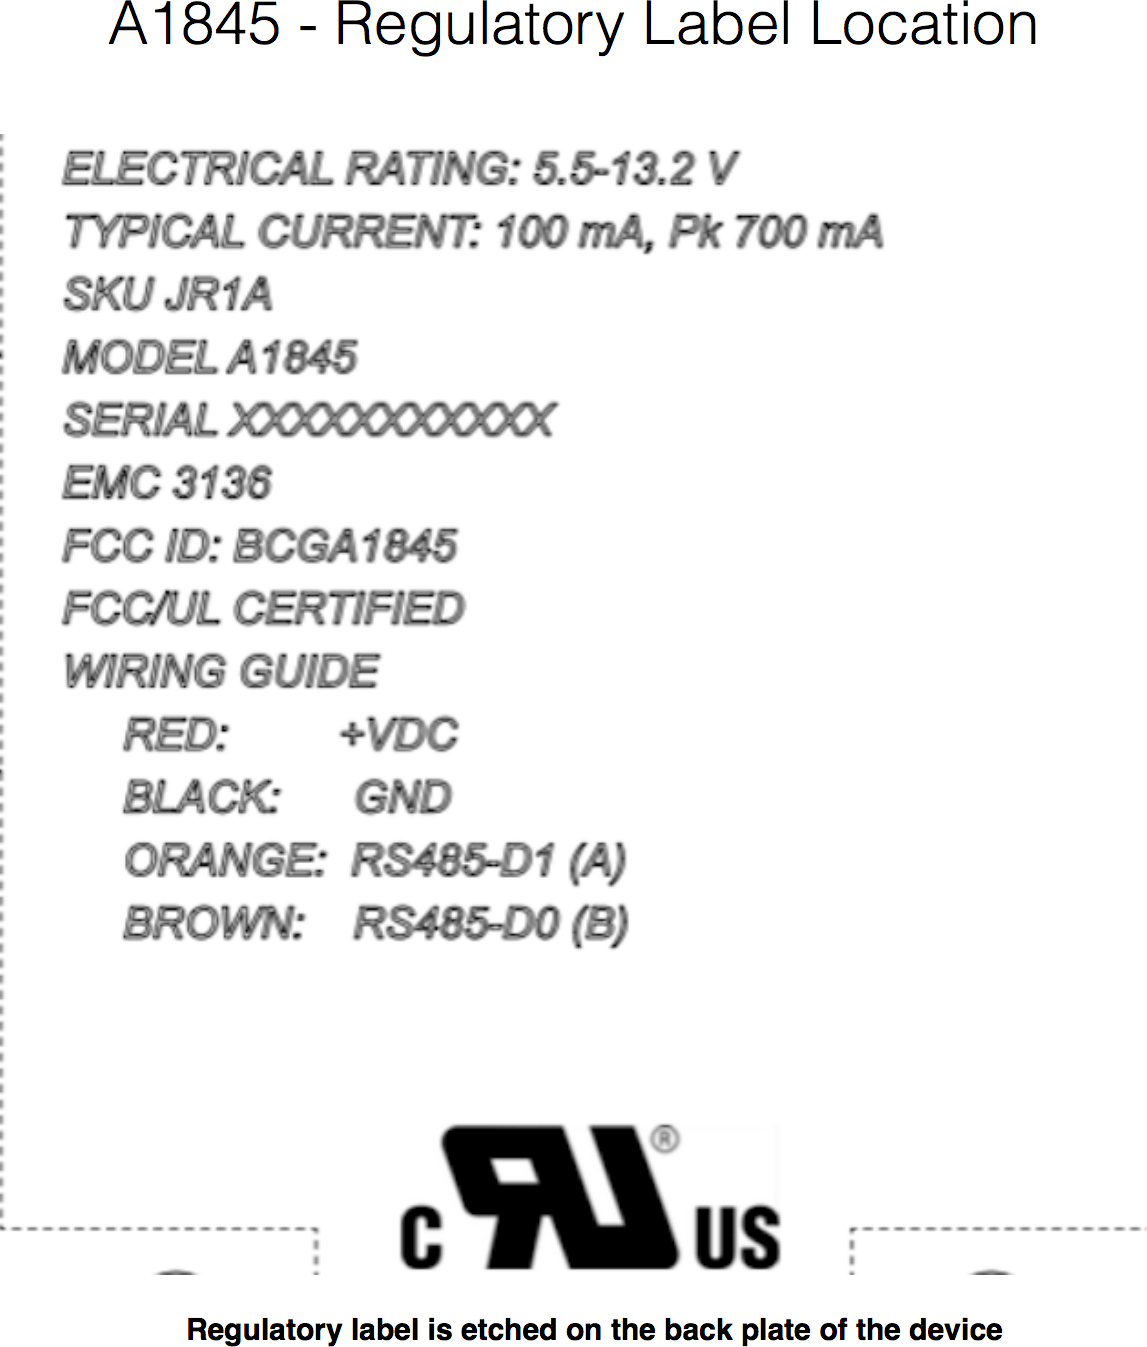 Documento do dispositivo A1845, testado pela FCC